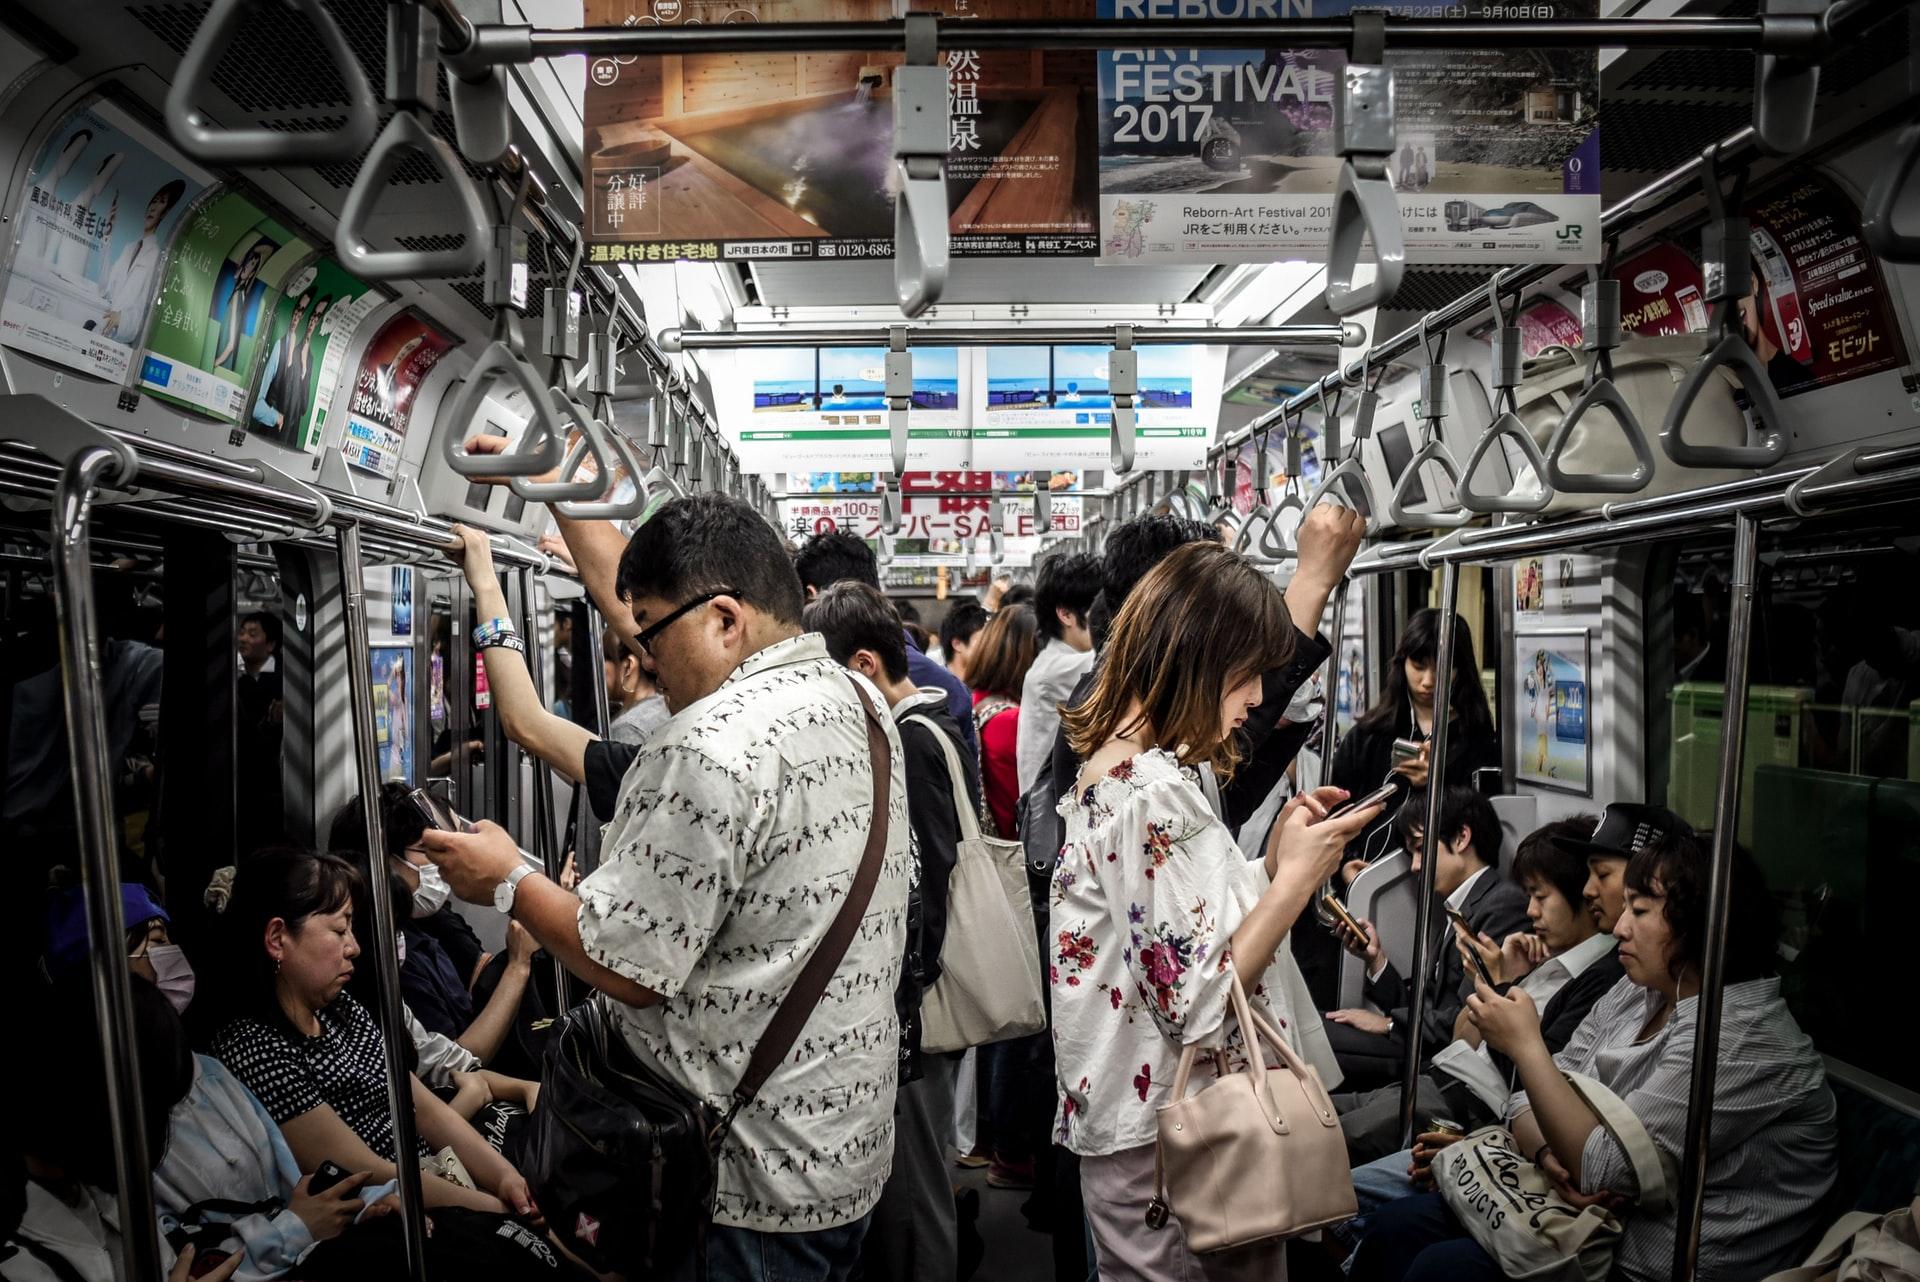 電車内でスマホを見る人たち